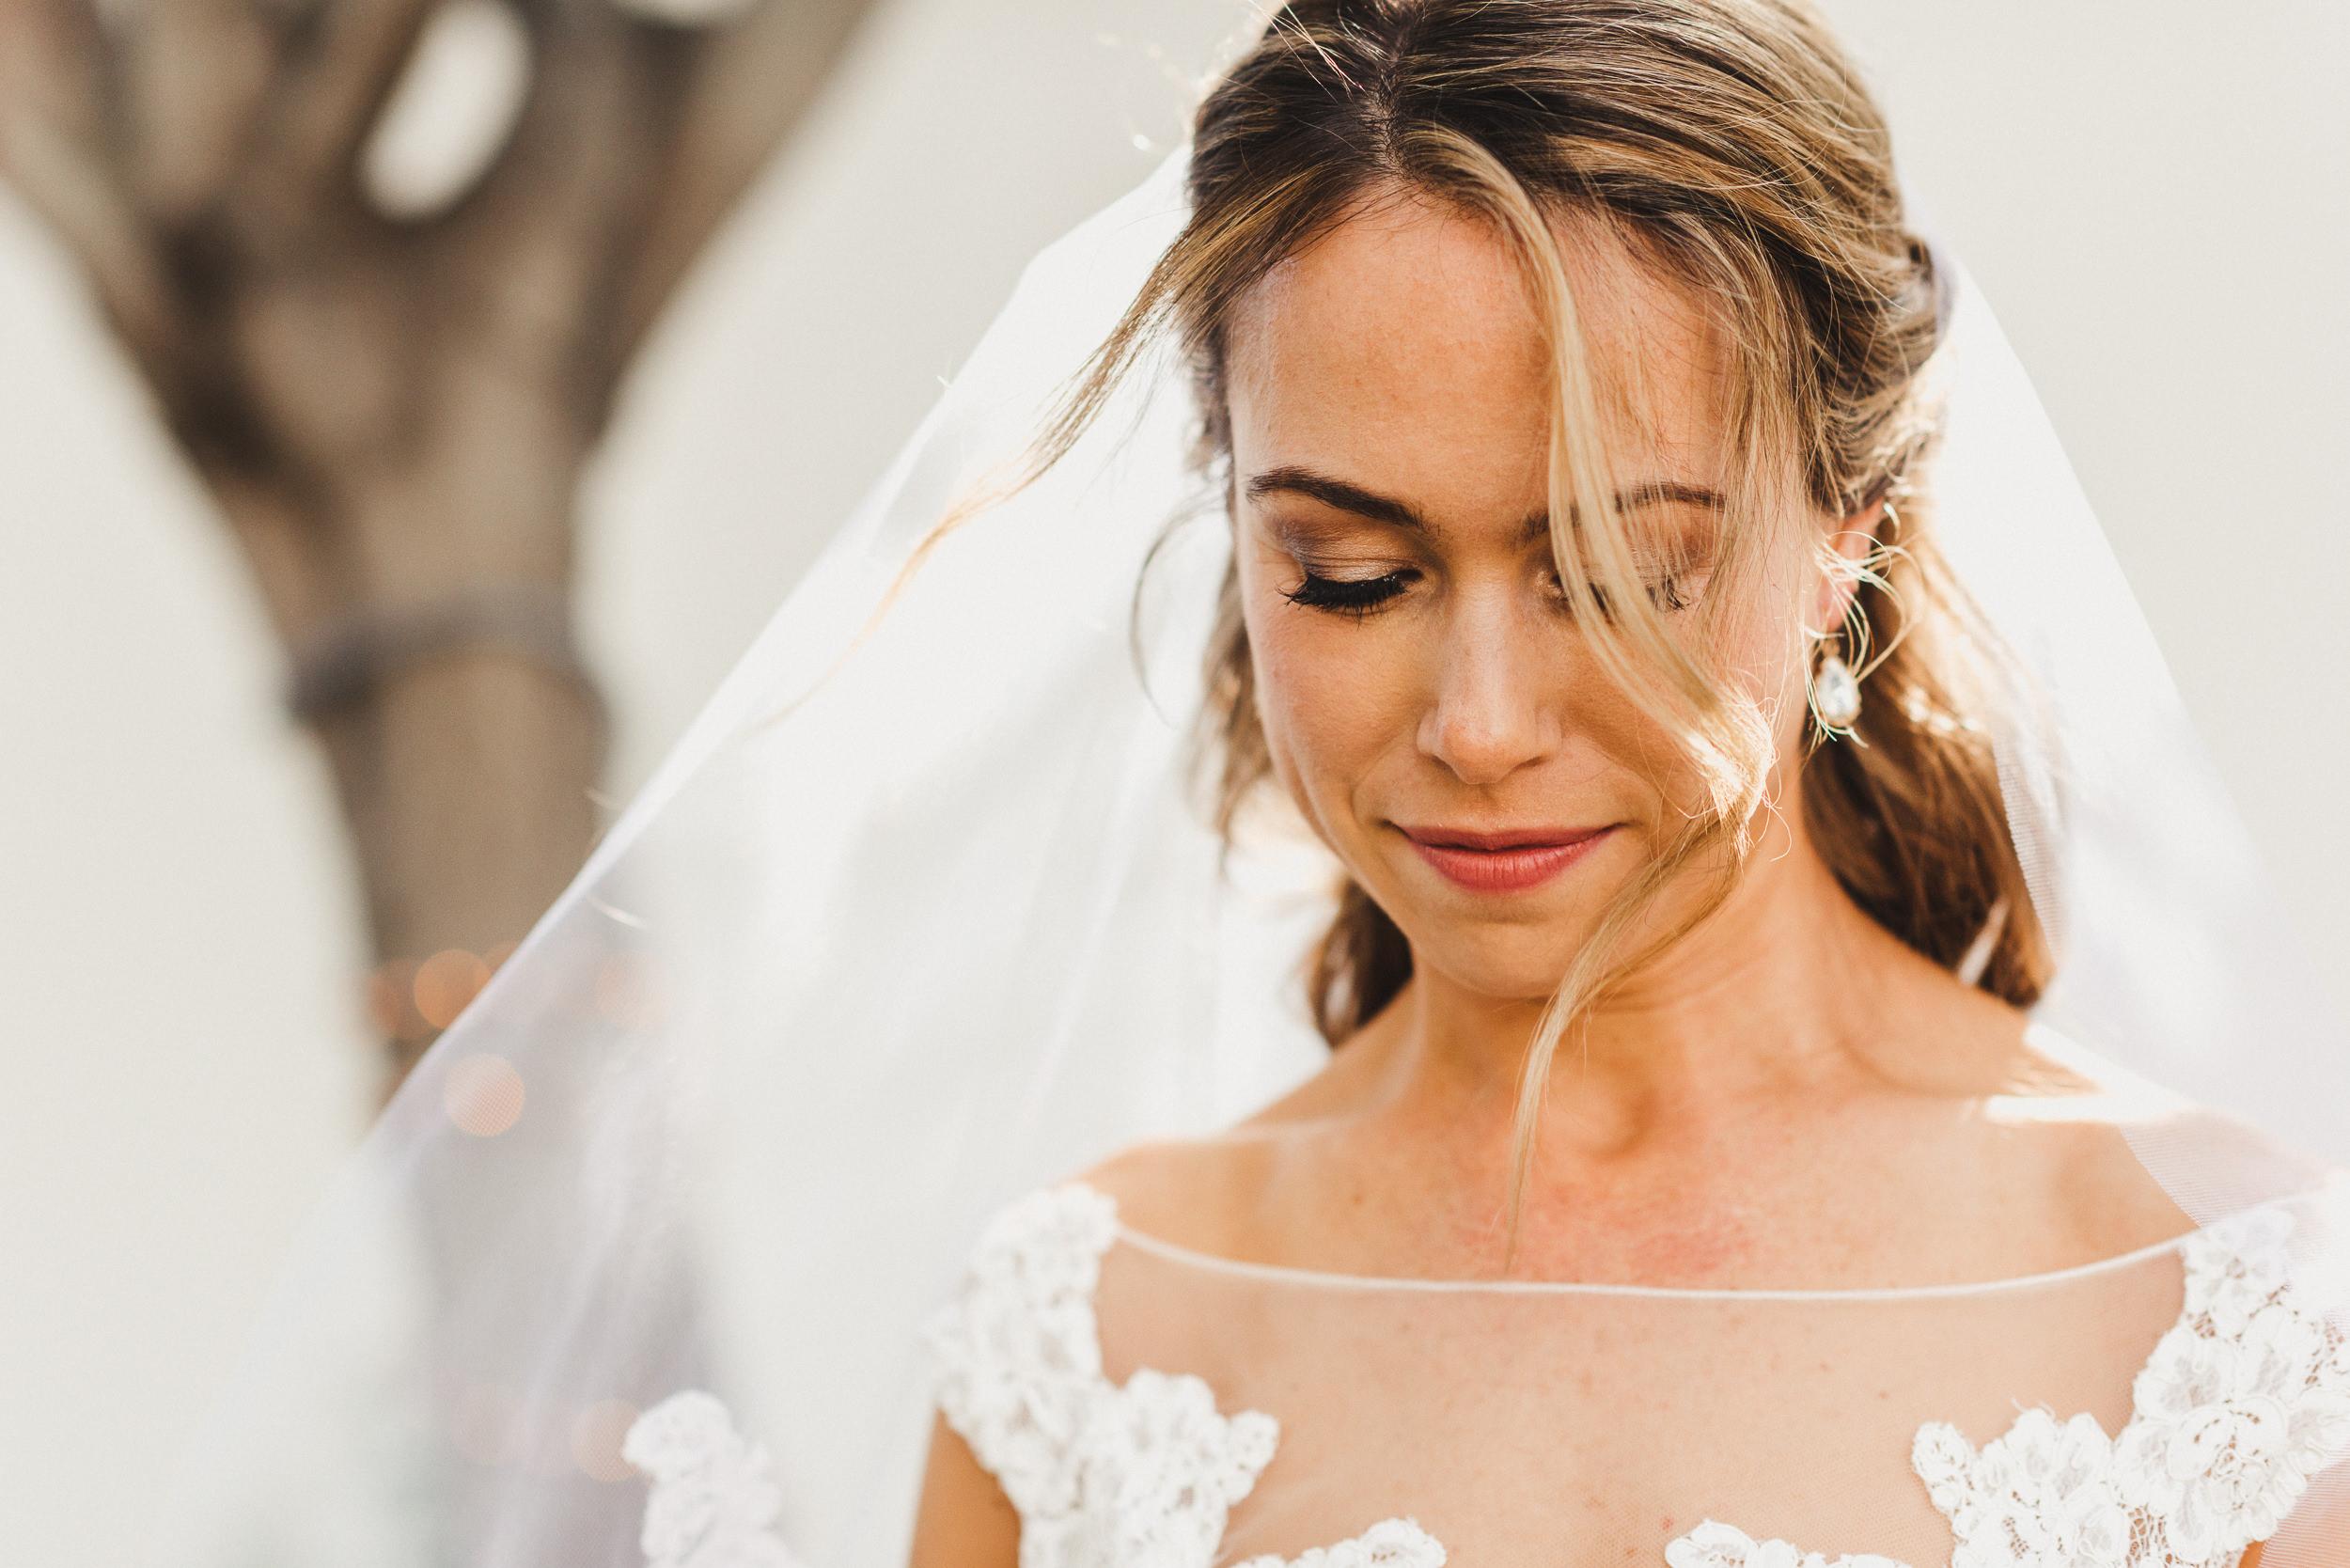 sL + E - Verandas Manhattan Beach - 04 Bridal Portraits-16.jpg